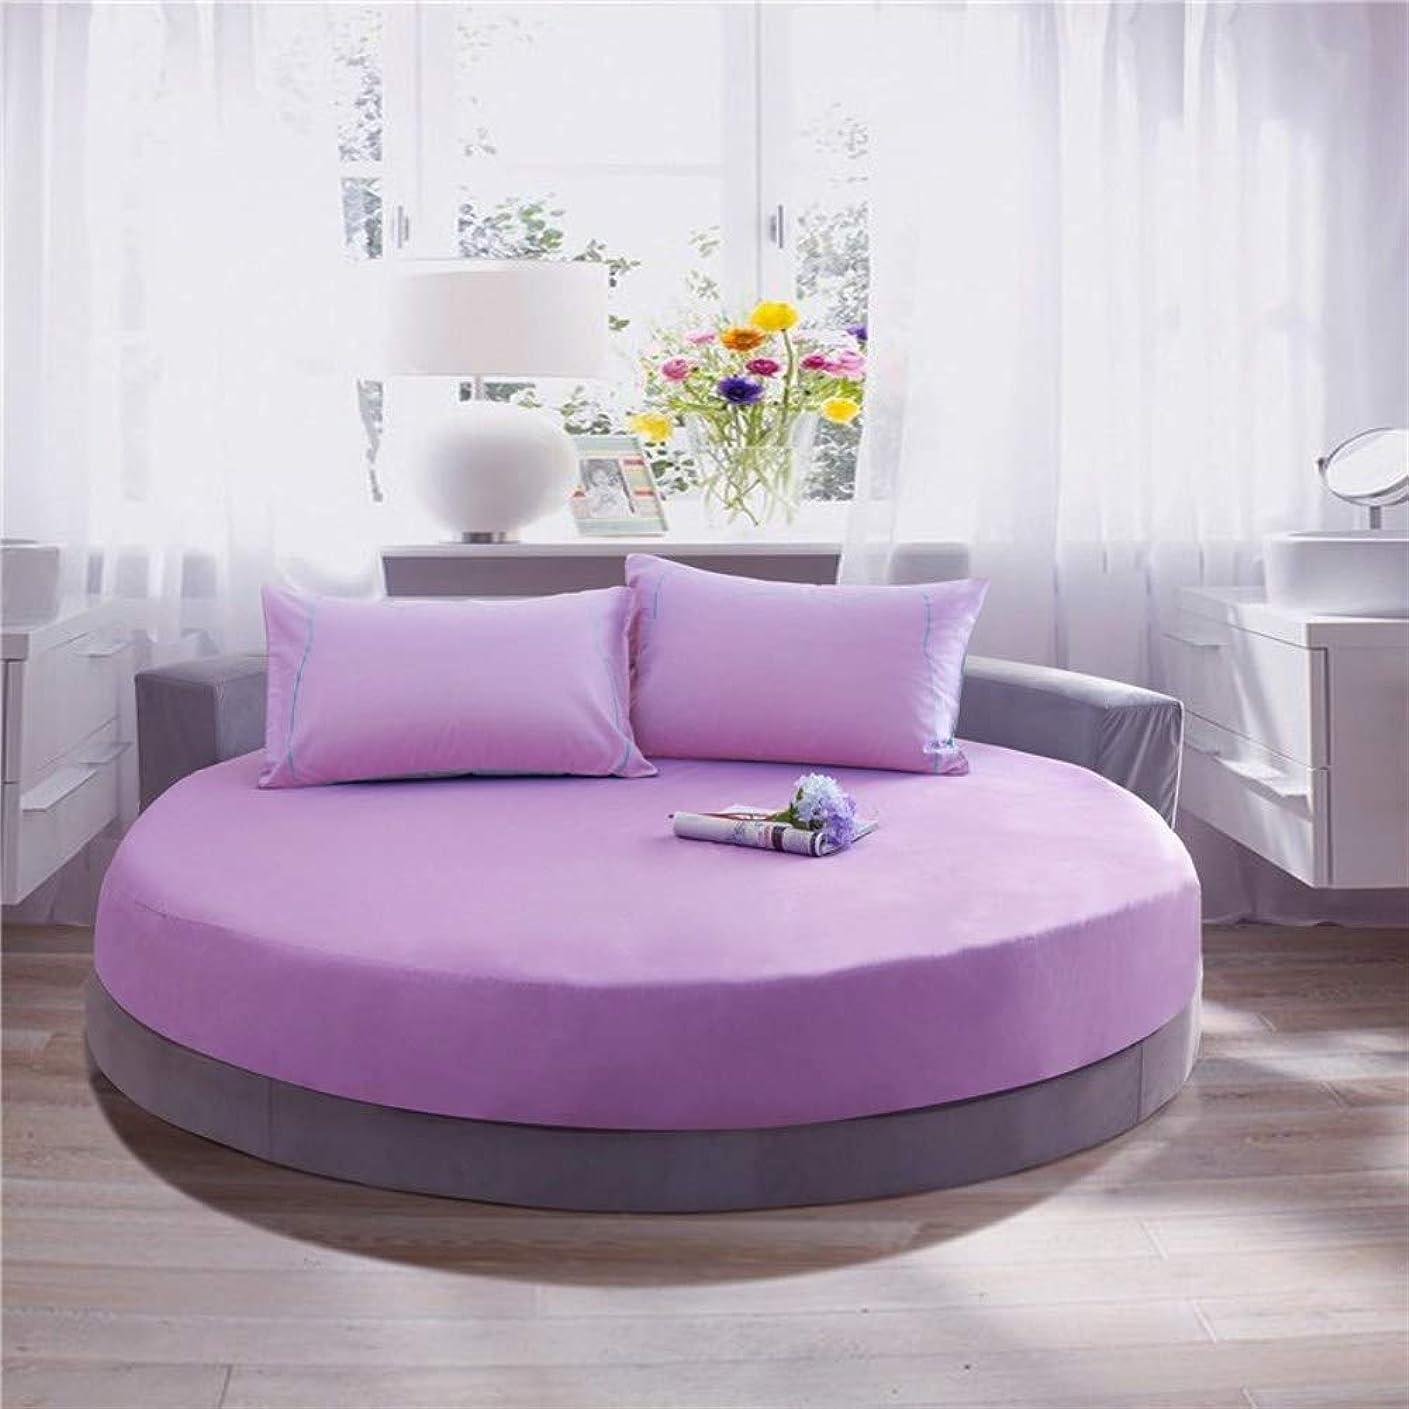 赤外線夢準備するコットン ラウンド ベッド スカート,単色 ラウンド ベッド エキストラ ベッド,ベッド シート ベッド カバー 簡単なケア ほこりしわ ベッド カバー シート-E